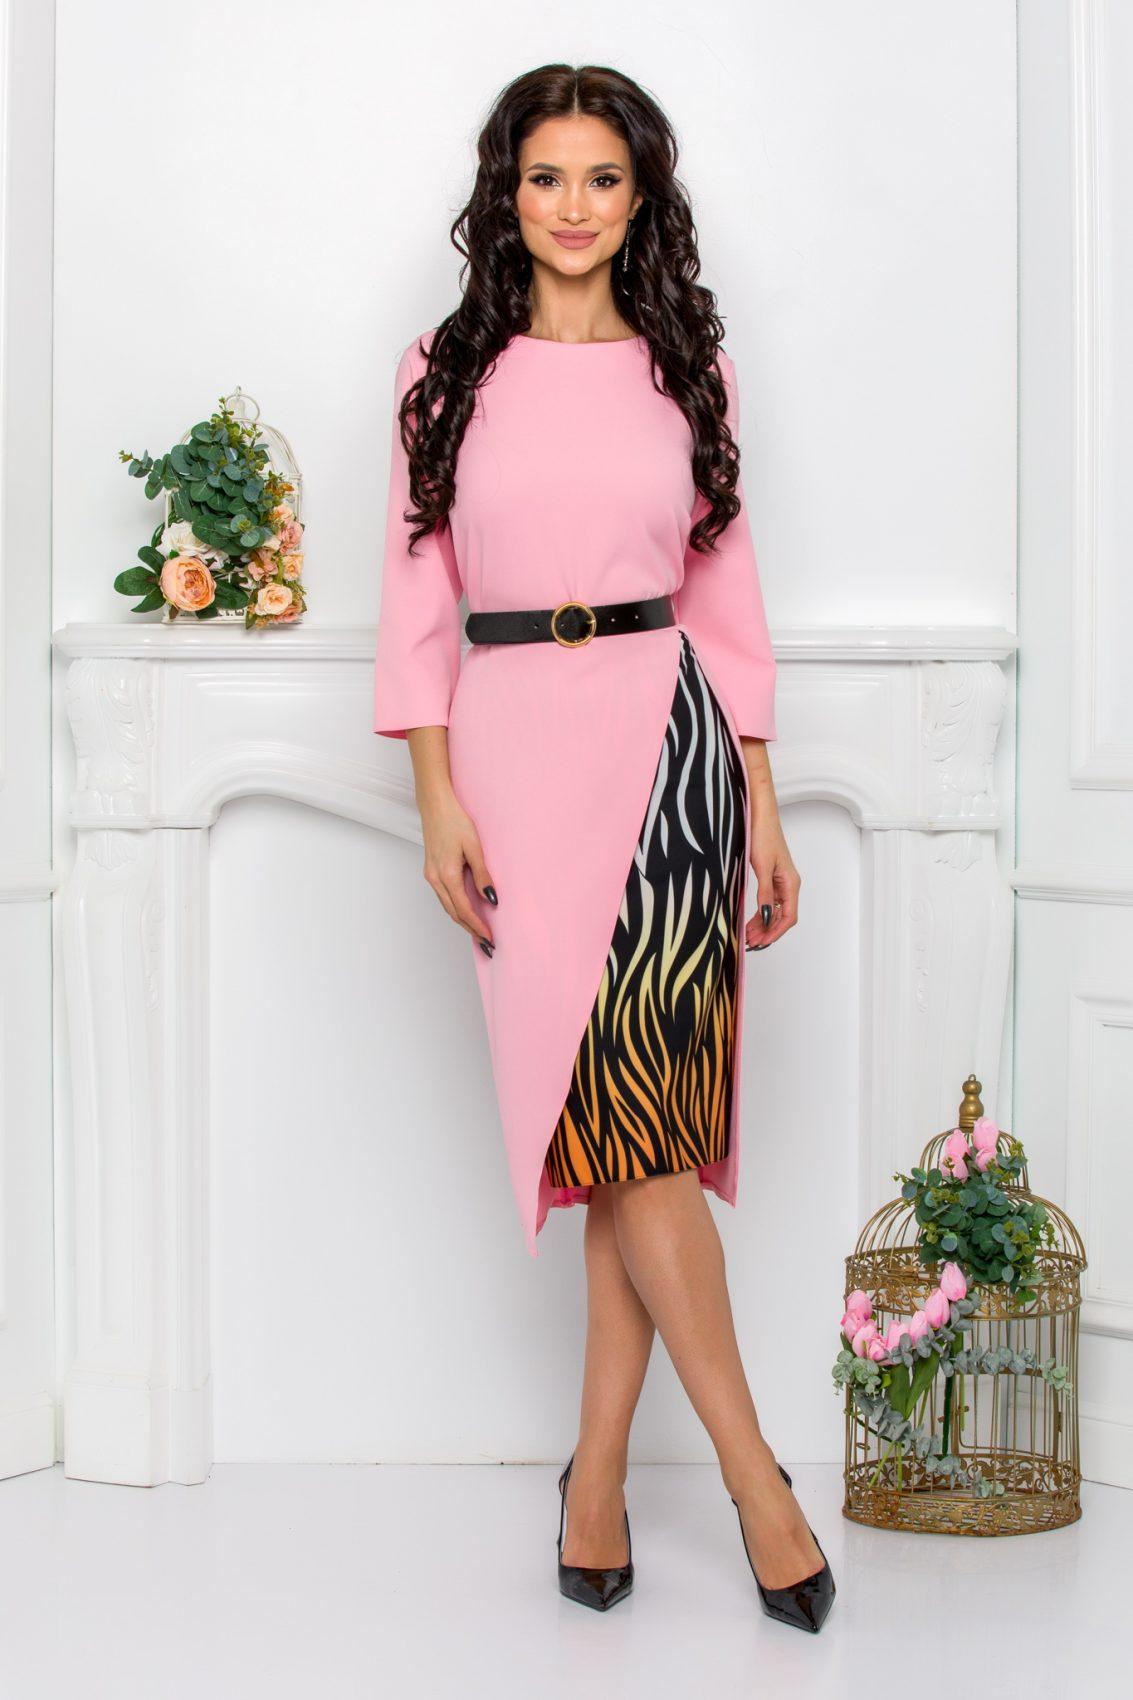 Ροζ Φόρεμα Με Μαύρη Ζώνη Elyna 9519 1